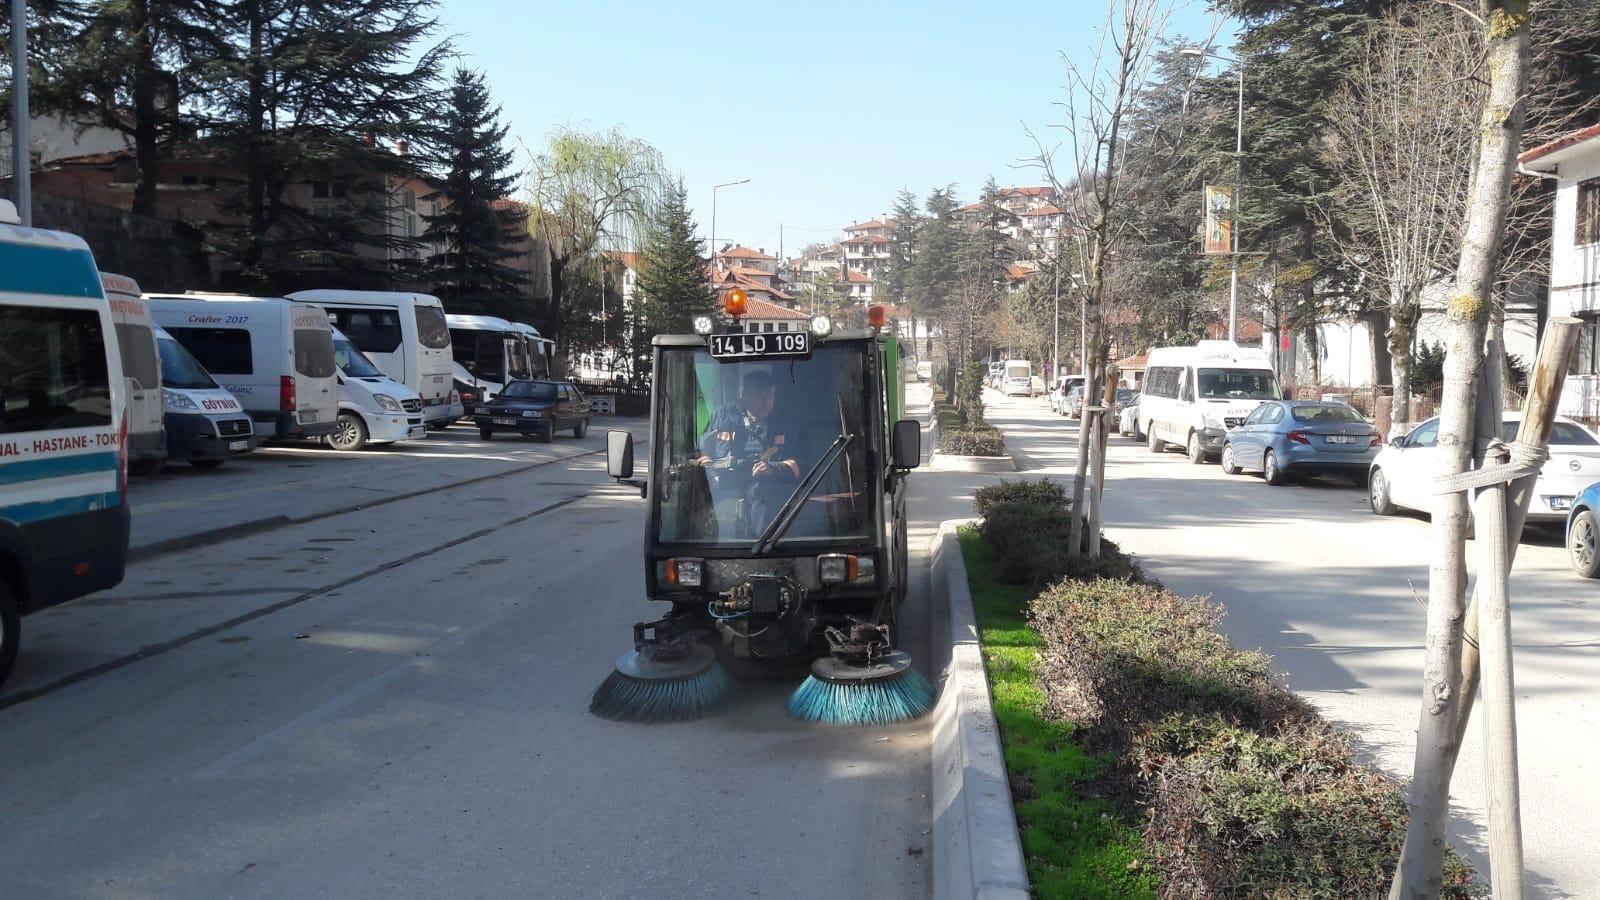 Göynük Belediye Bahar Temizliği